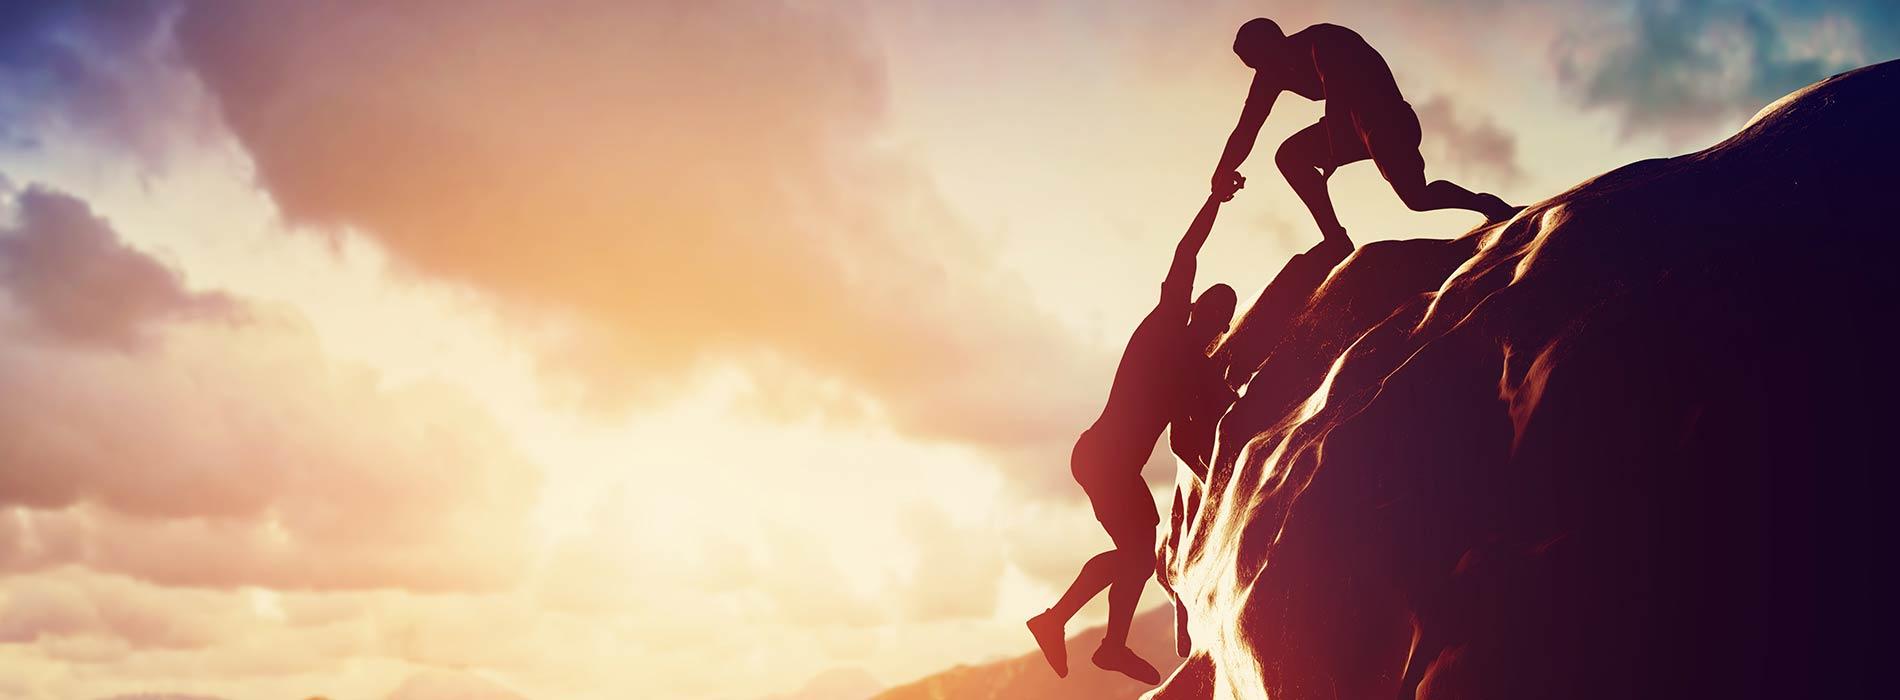 Mann hilft beim Berg steigen seinem Freund